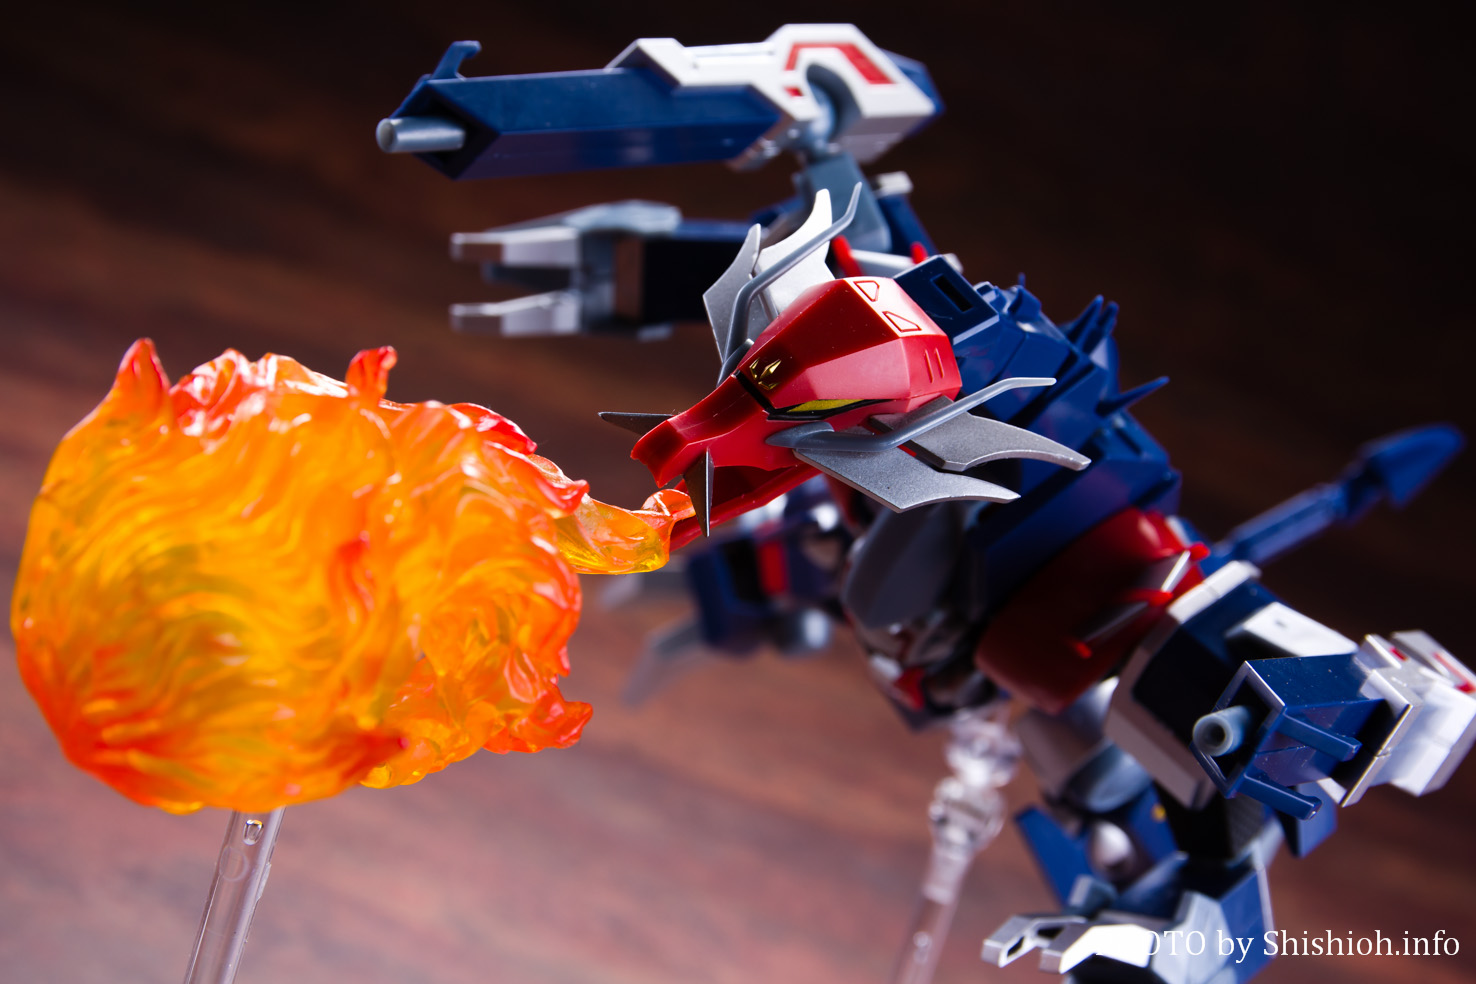 スーパーミニプラ 忍者戦士 飛影Vol.3 爆竜